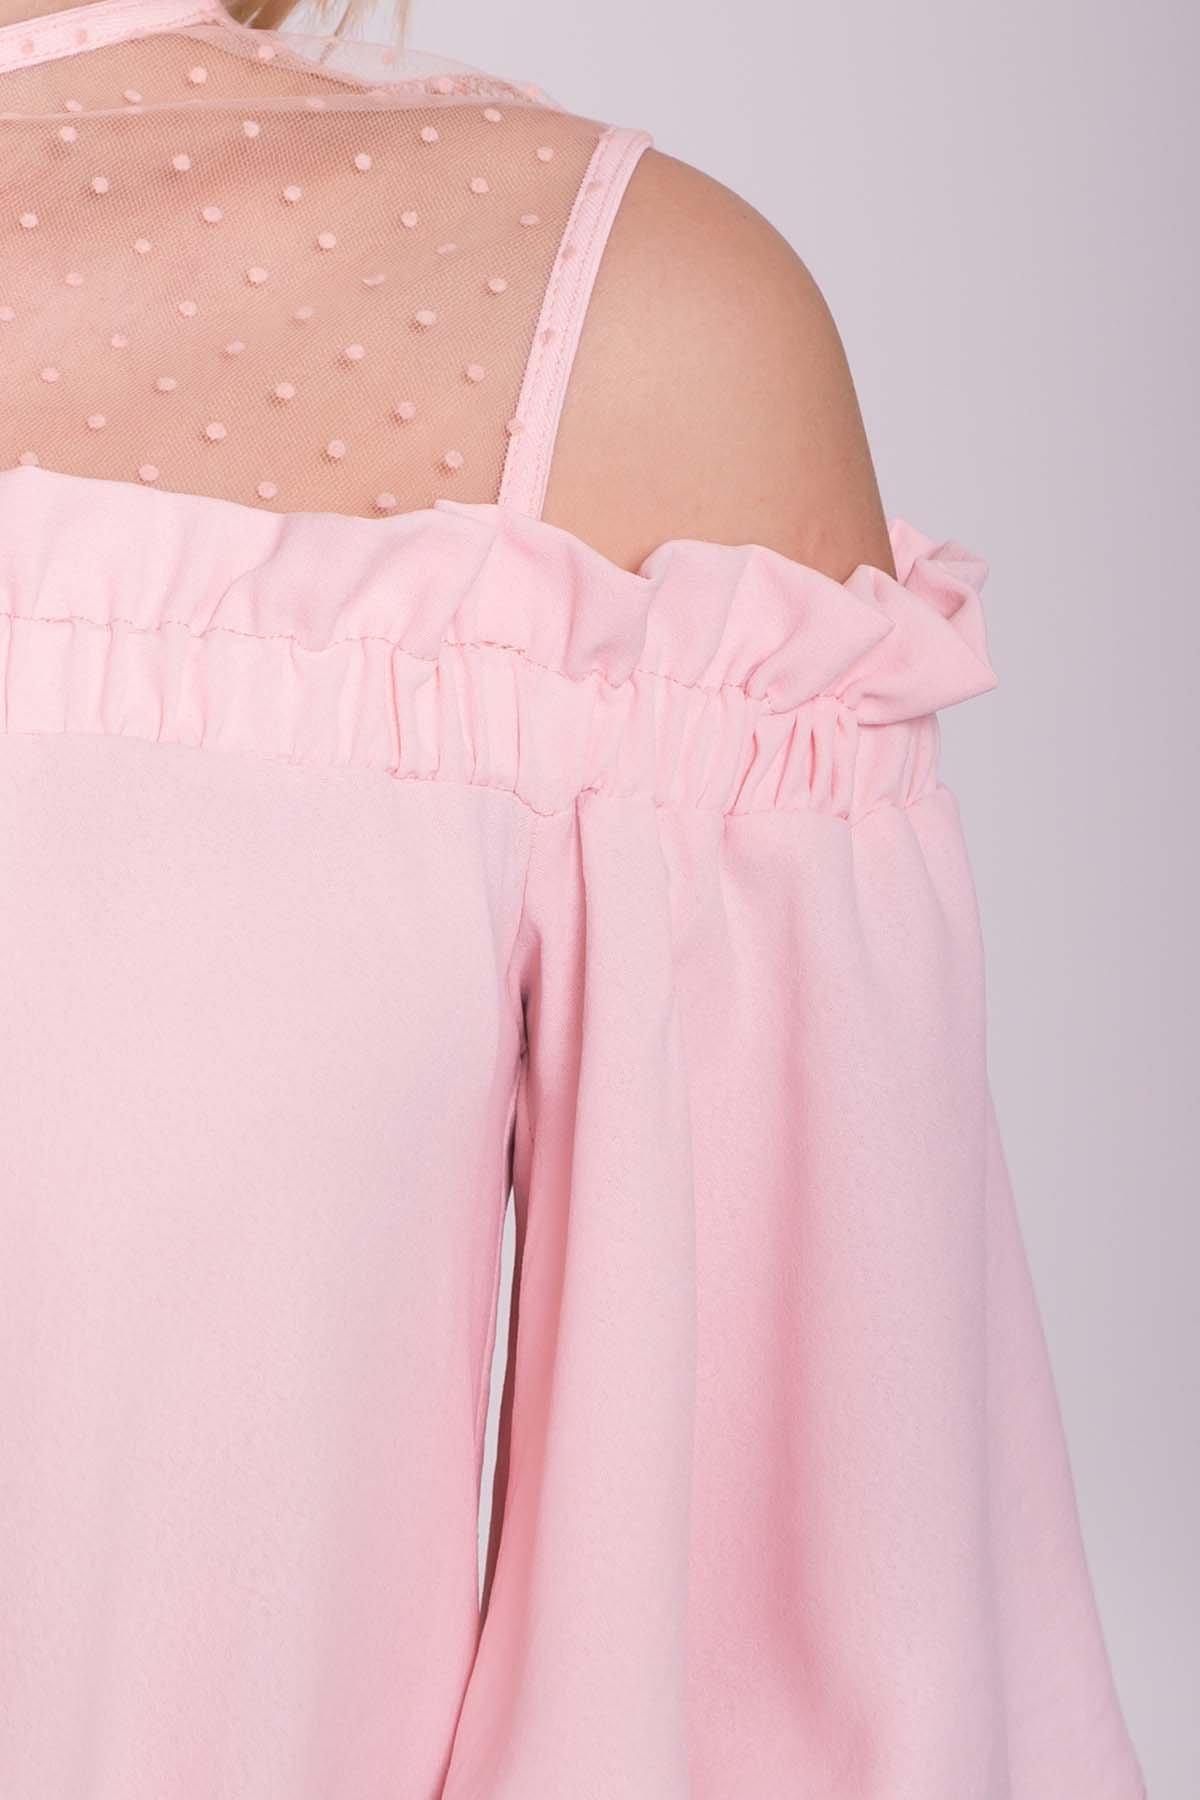 Платье Молена 7138 АРТ. 42779 Цвет: Розовый 16 - фото 4, интернет магазин tm-modus.ru